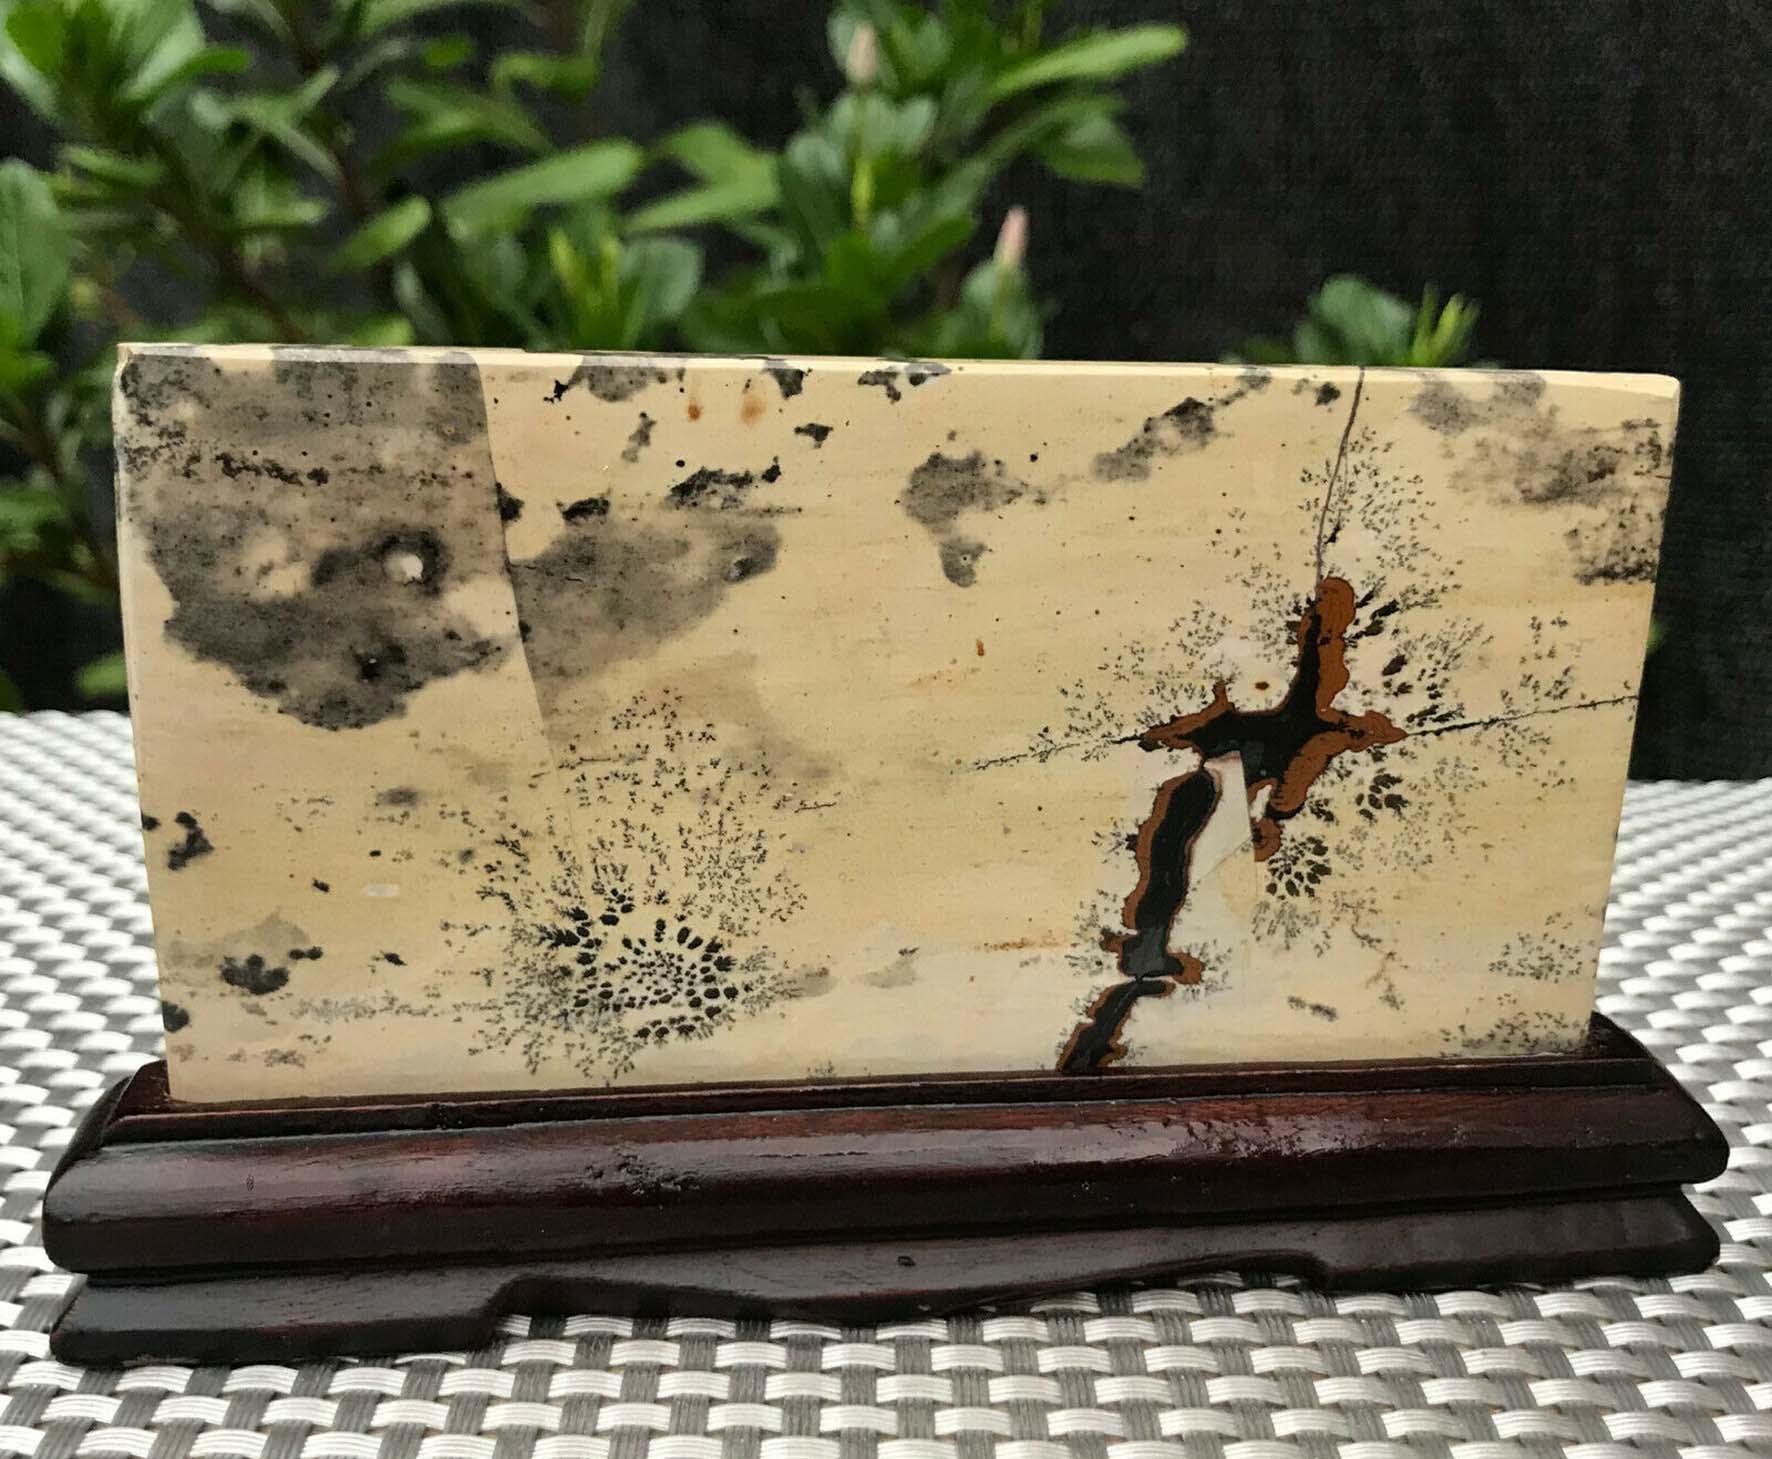 Japan Antique Natural Landscape Stone